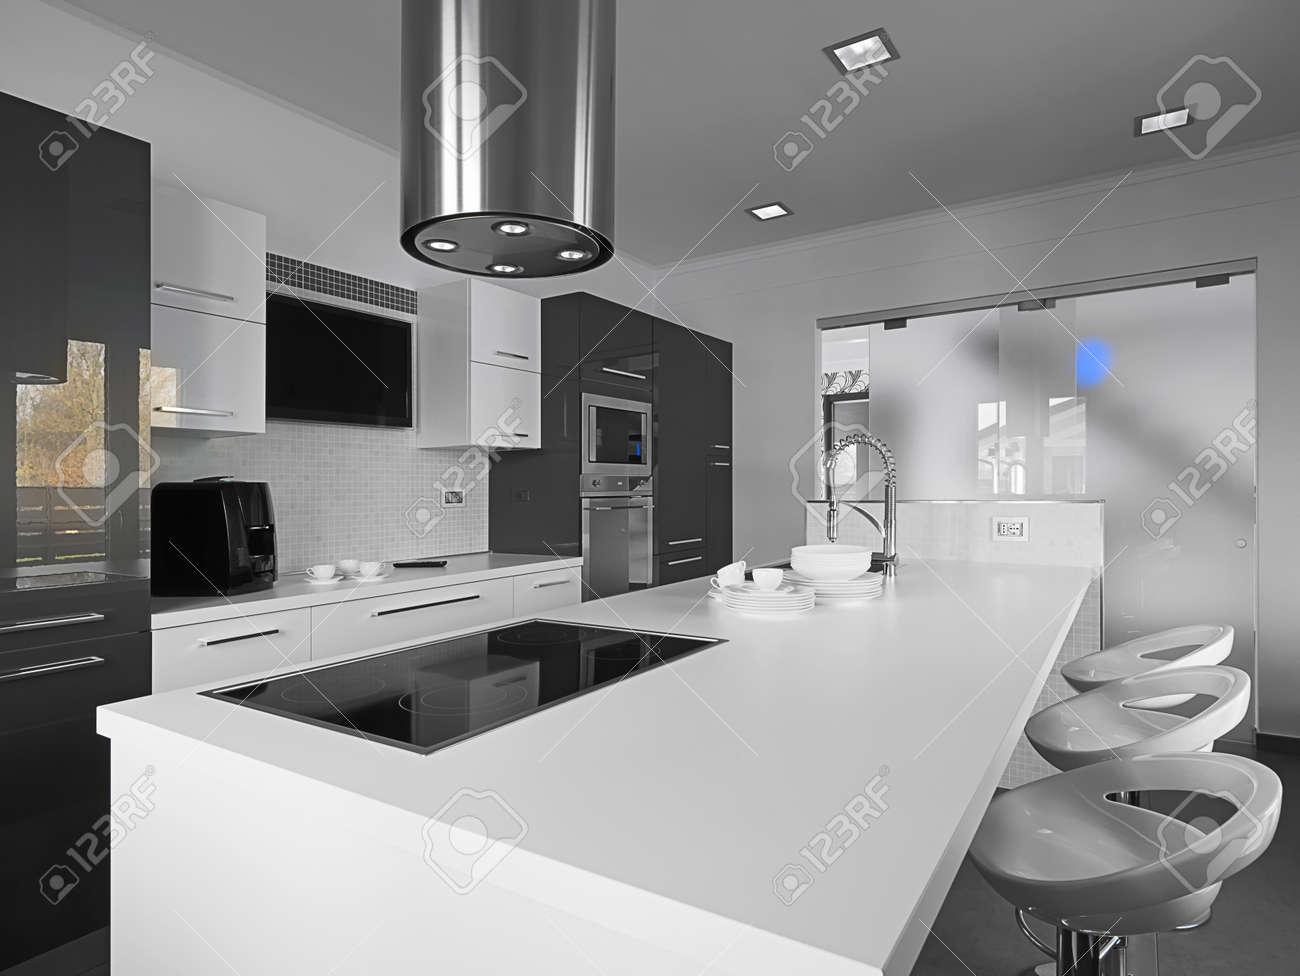 Cuisine Moderne Avec Carrelage Gris Et Mur Blanc Banque D\'Images ...